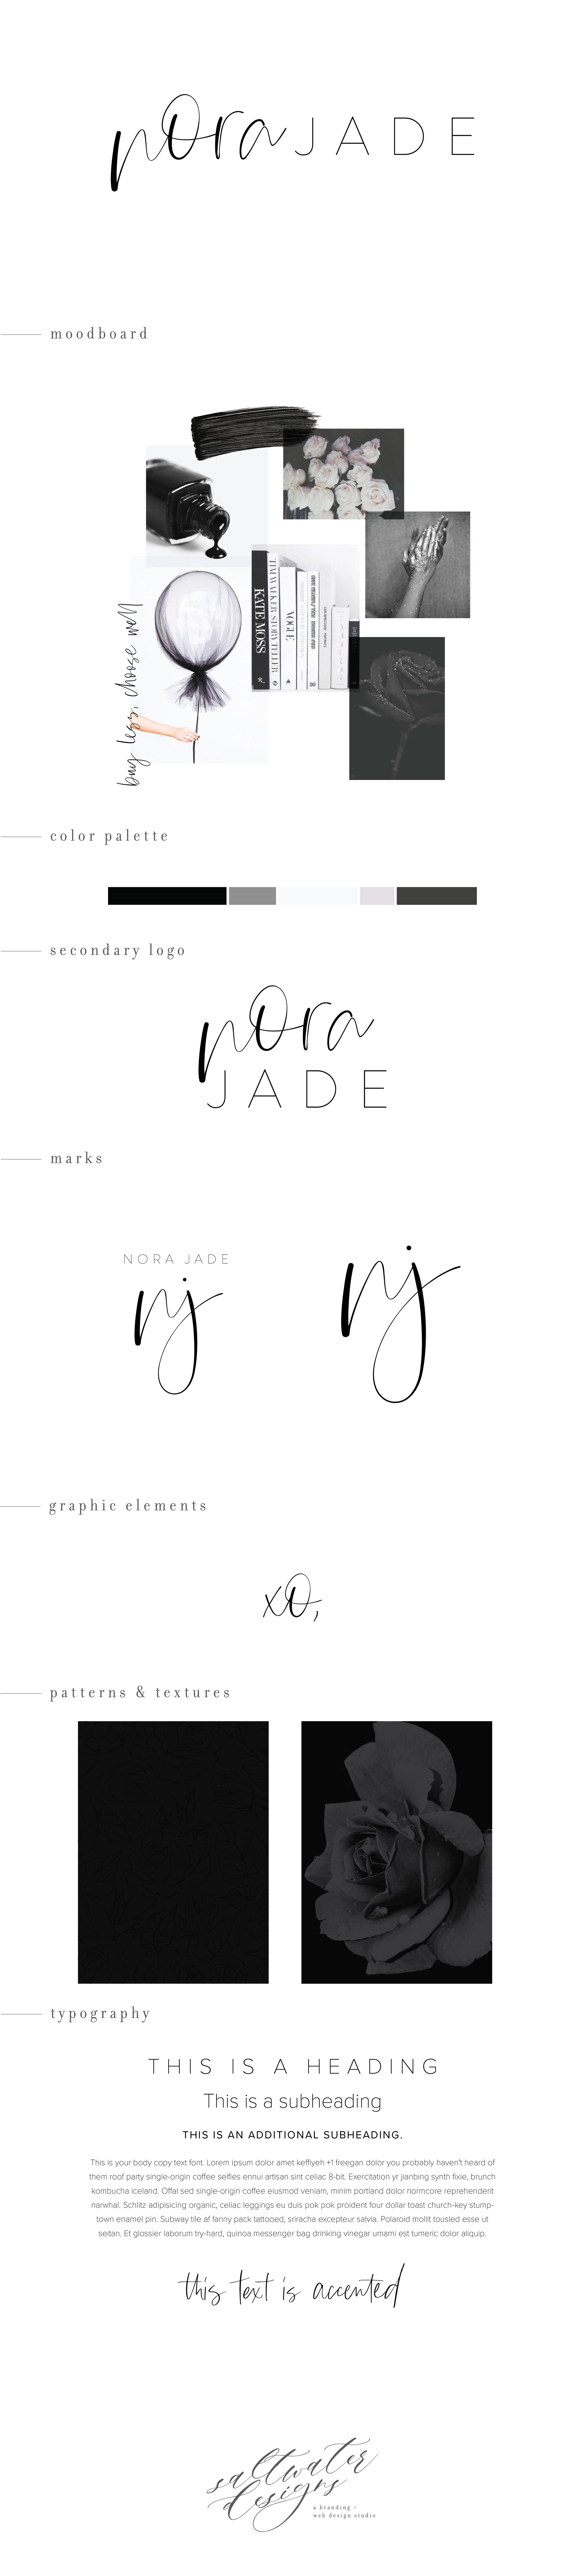 Branding & Web Design For Nora Jade • Jewelry Branding • Lifestyle Brand • Minimalist Branding